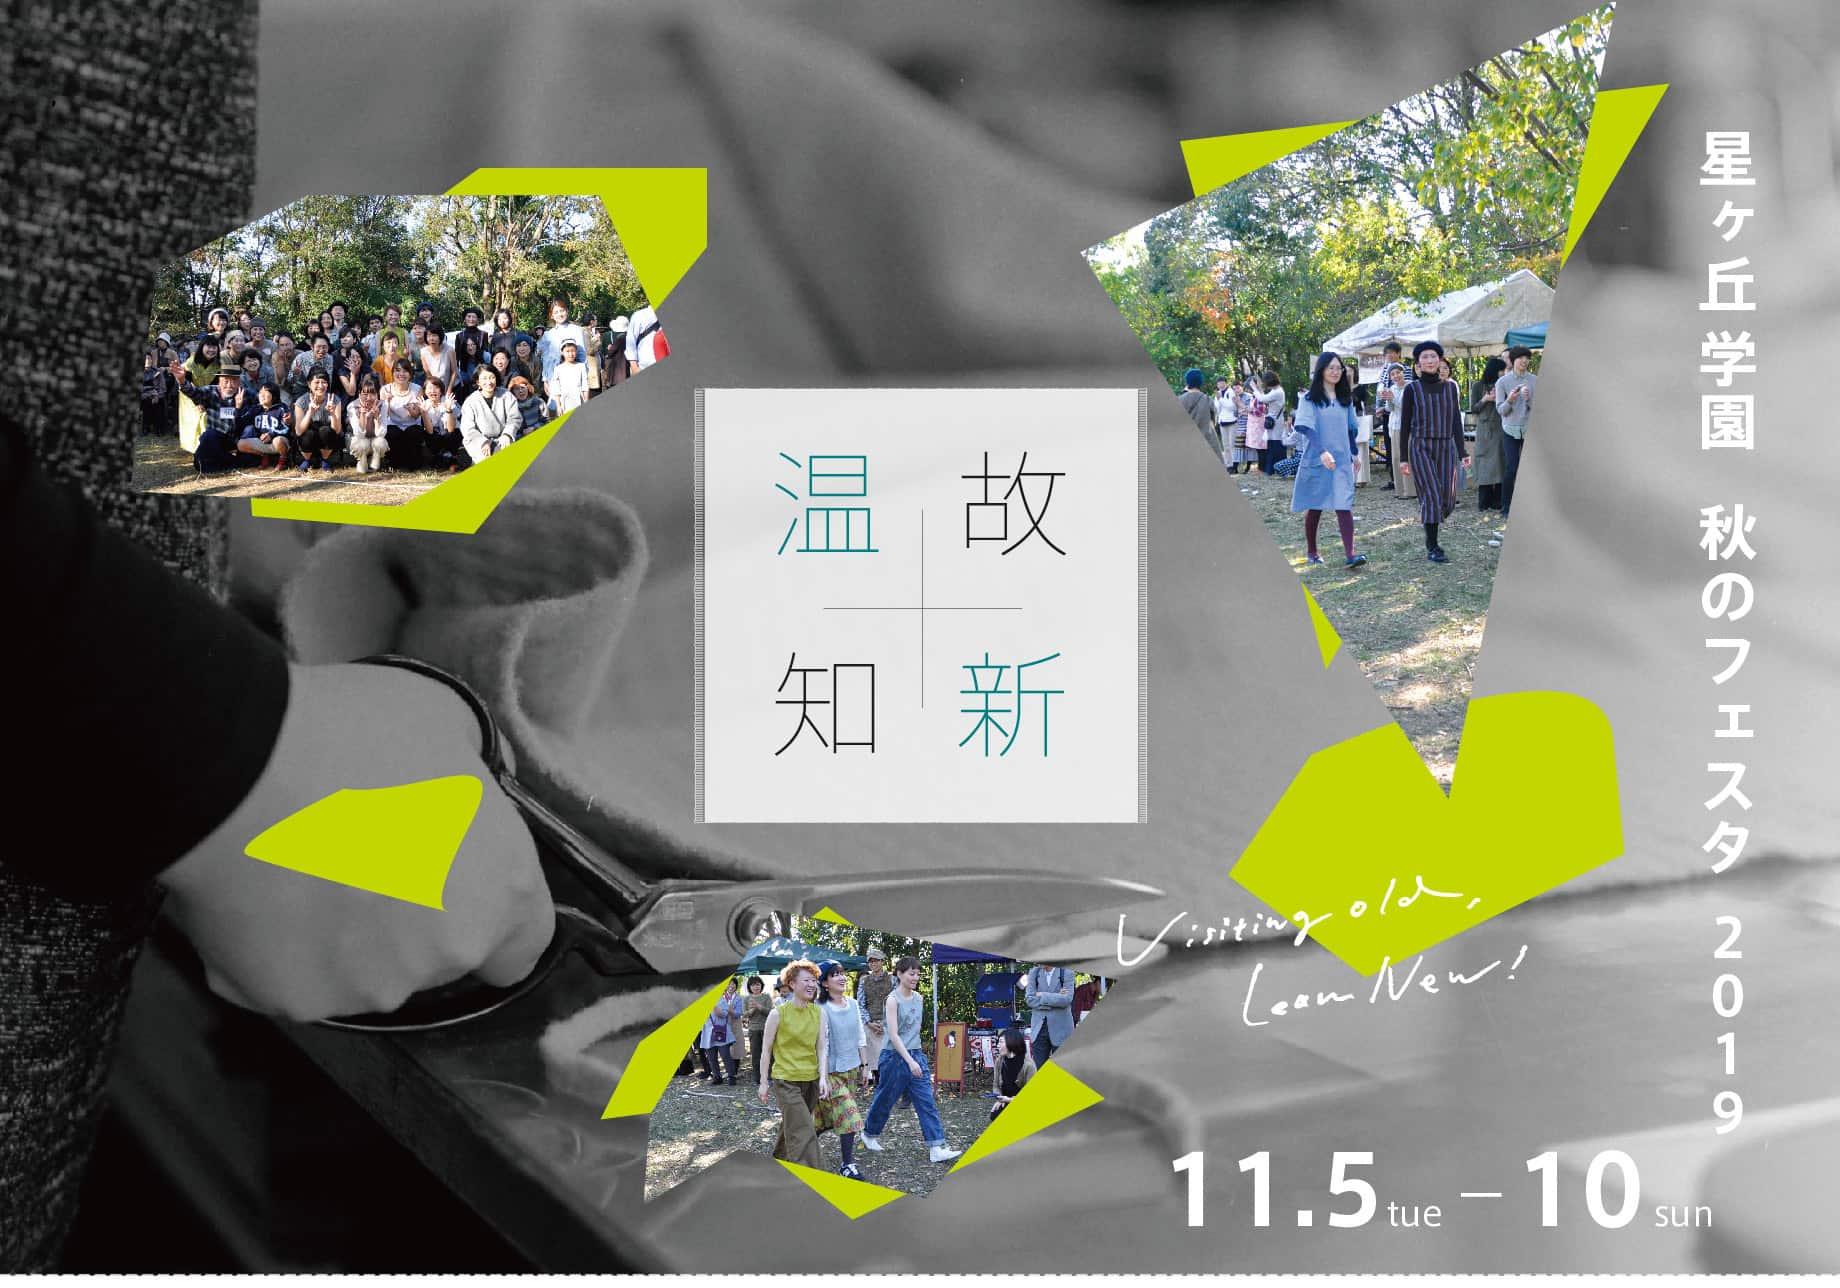 星ヶ丘学園 秋のフェスタ2019「温故知新」